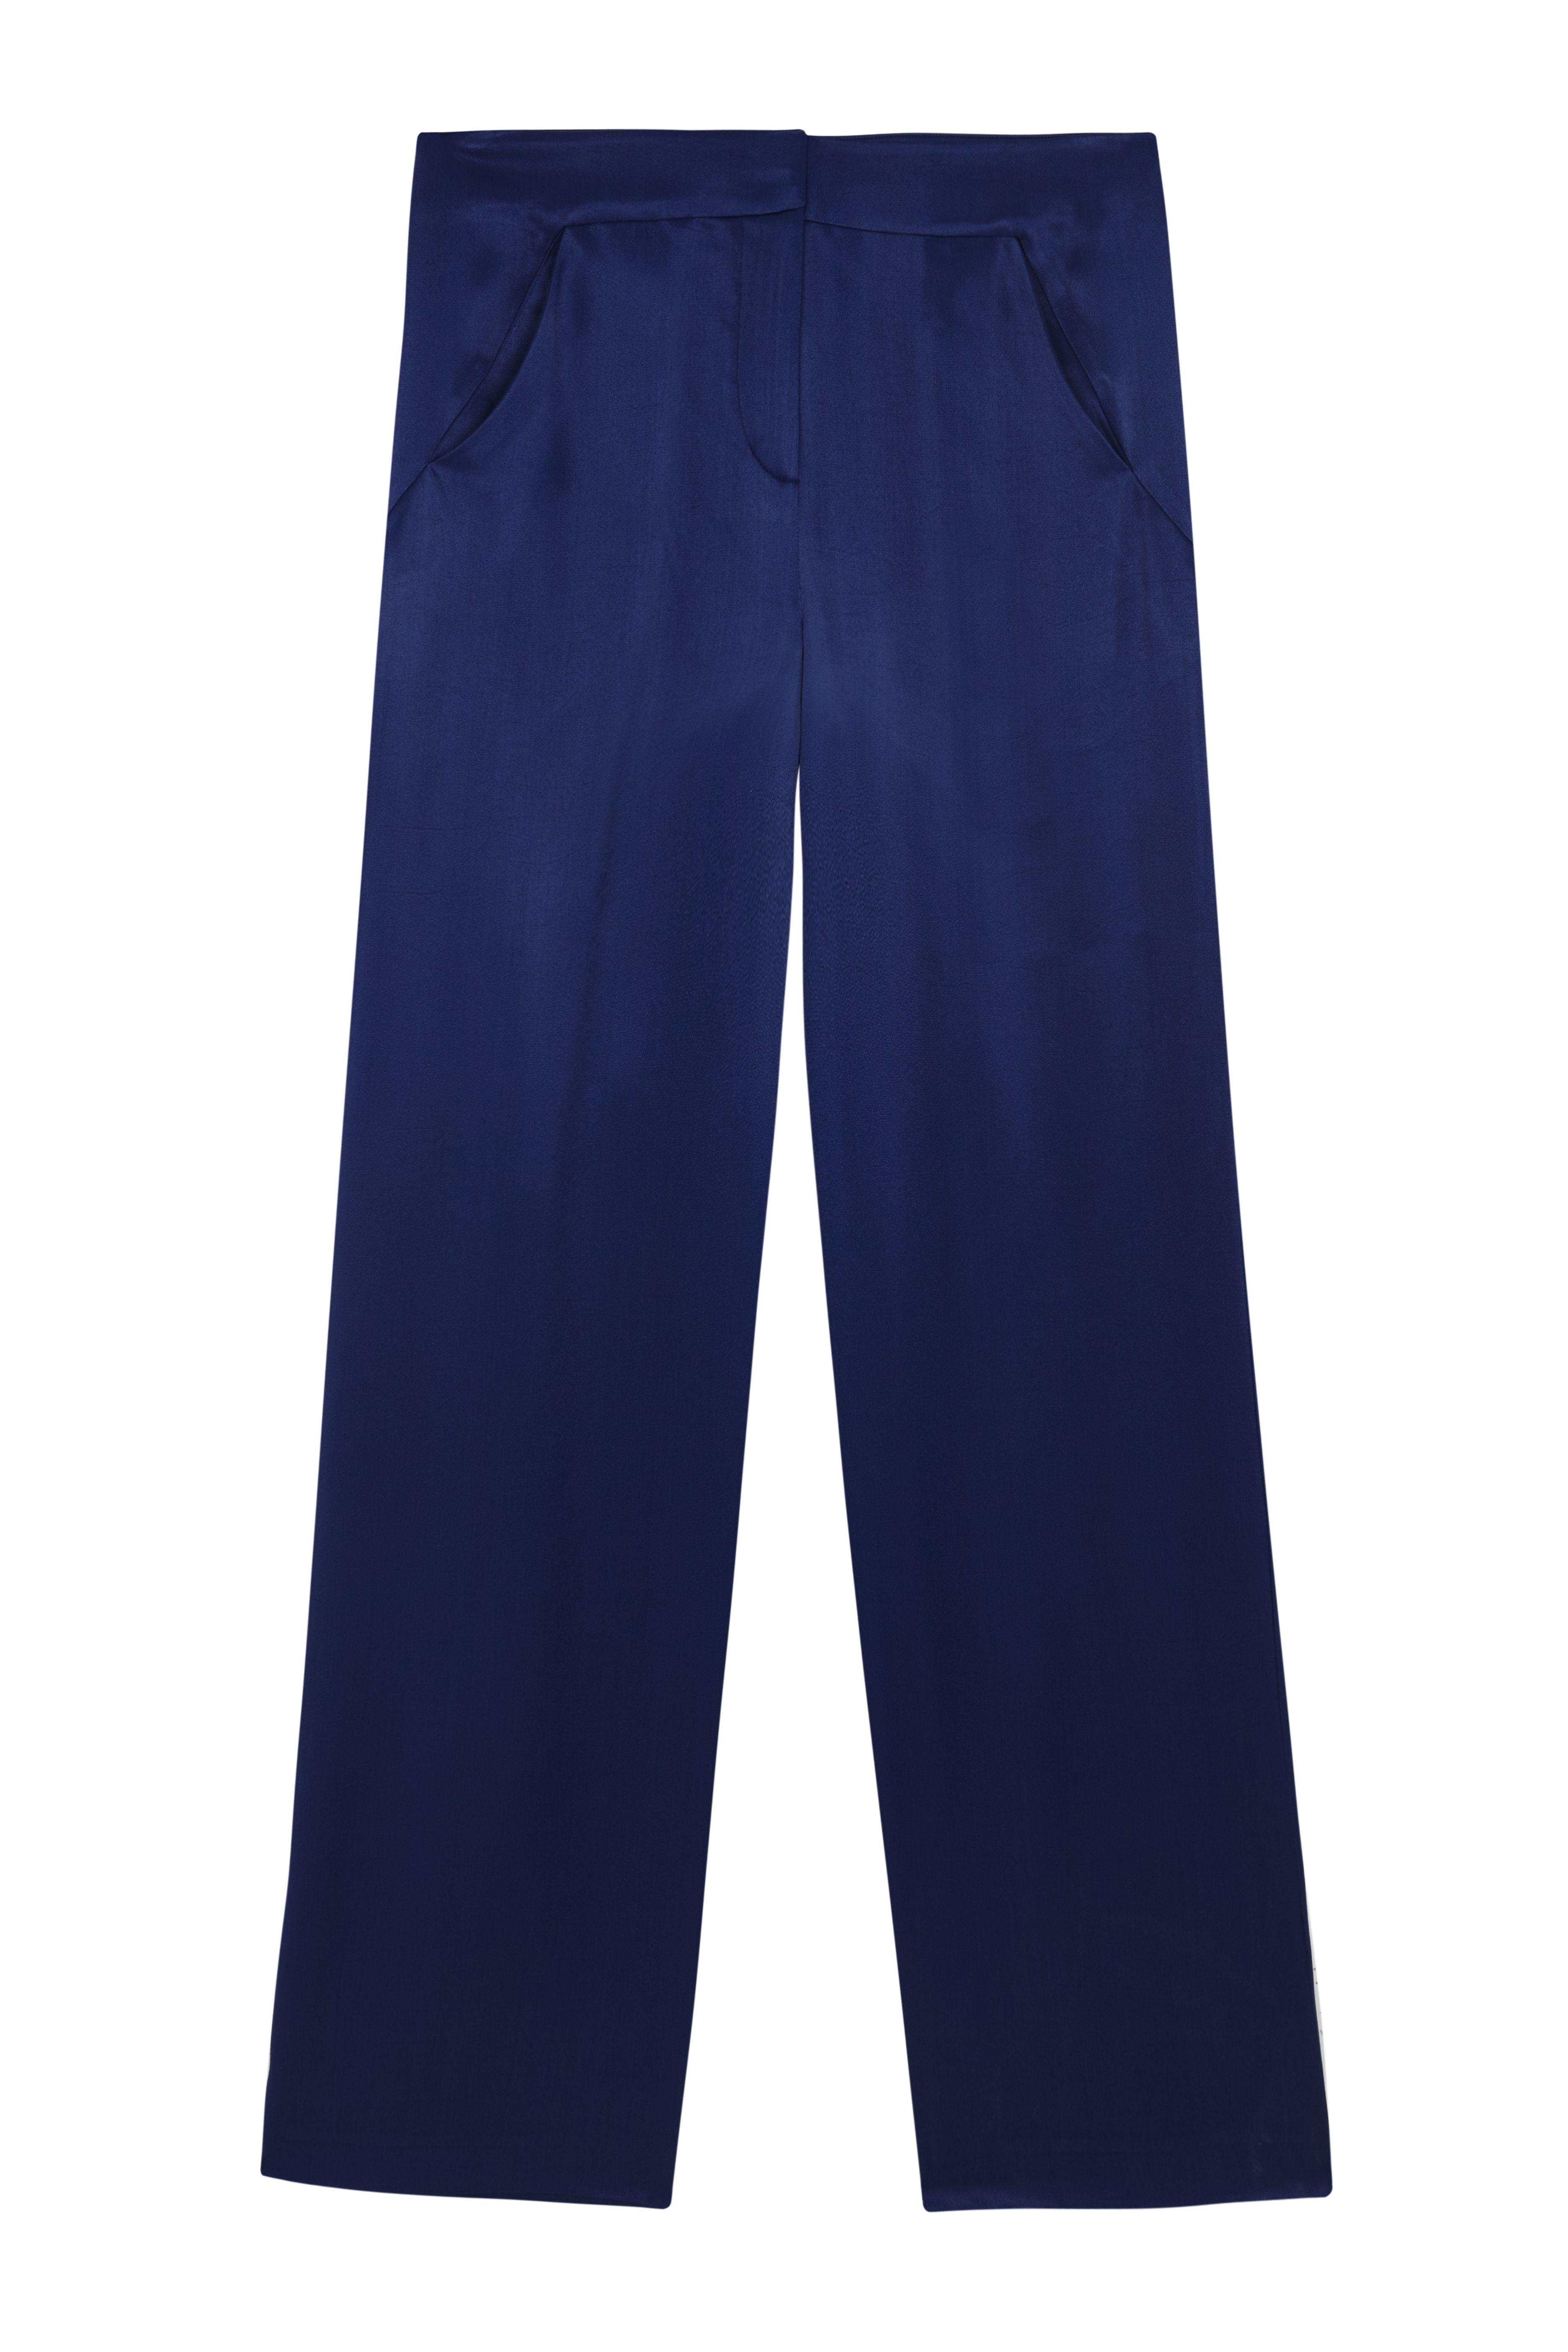 Moda navy estate 2017 con io pantaloni blu di Intropia